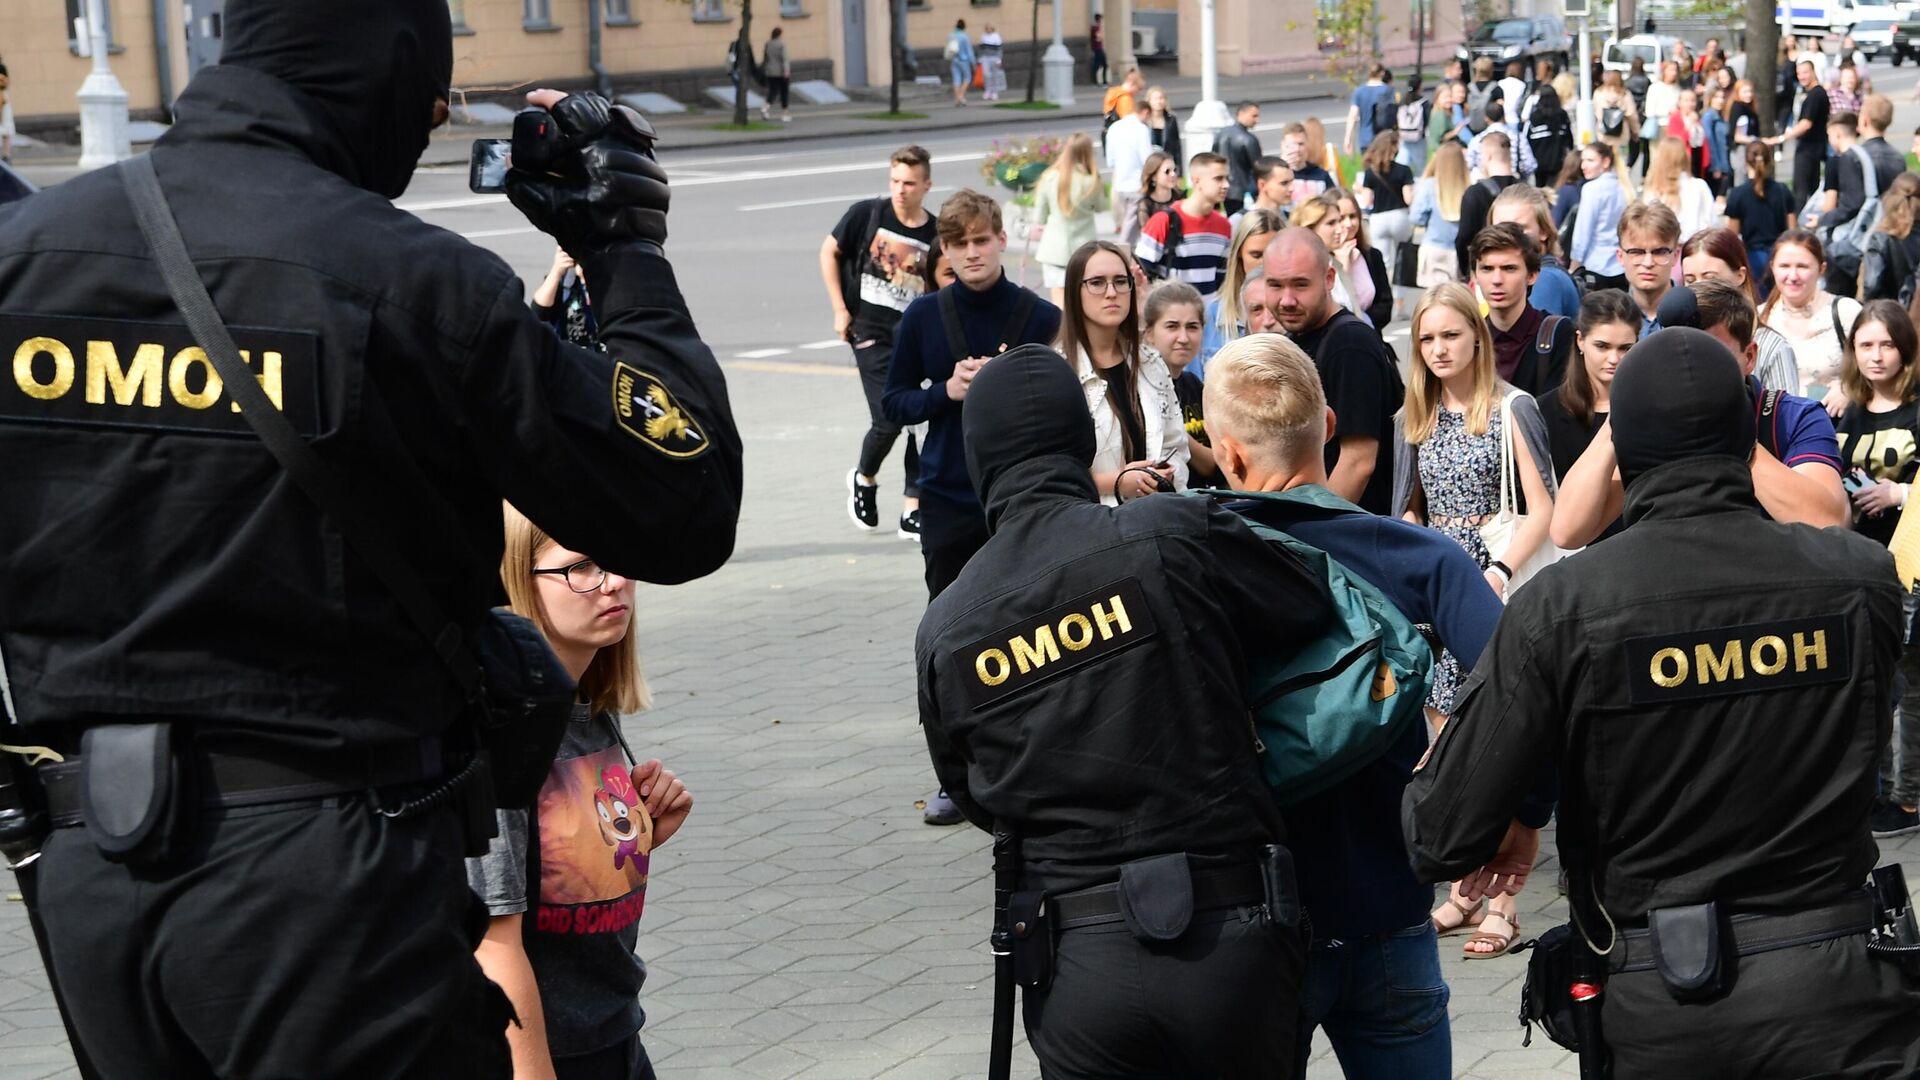 Сотрудники ОМОНа во время задержания участника акции в Минске  - РИА Новости, 1920, 03.09.2020